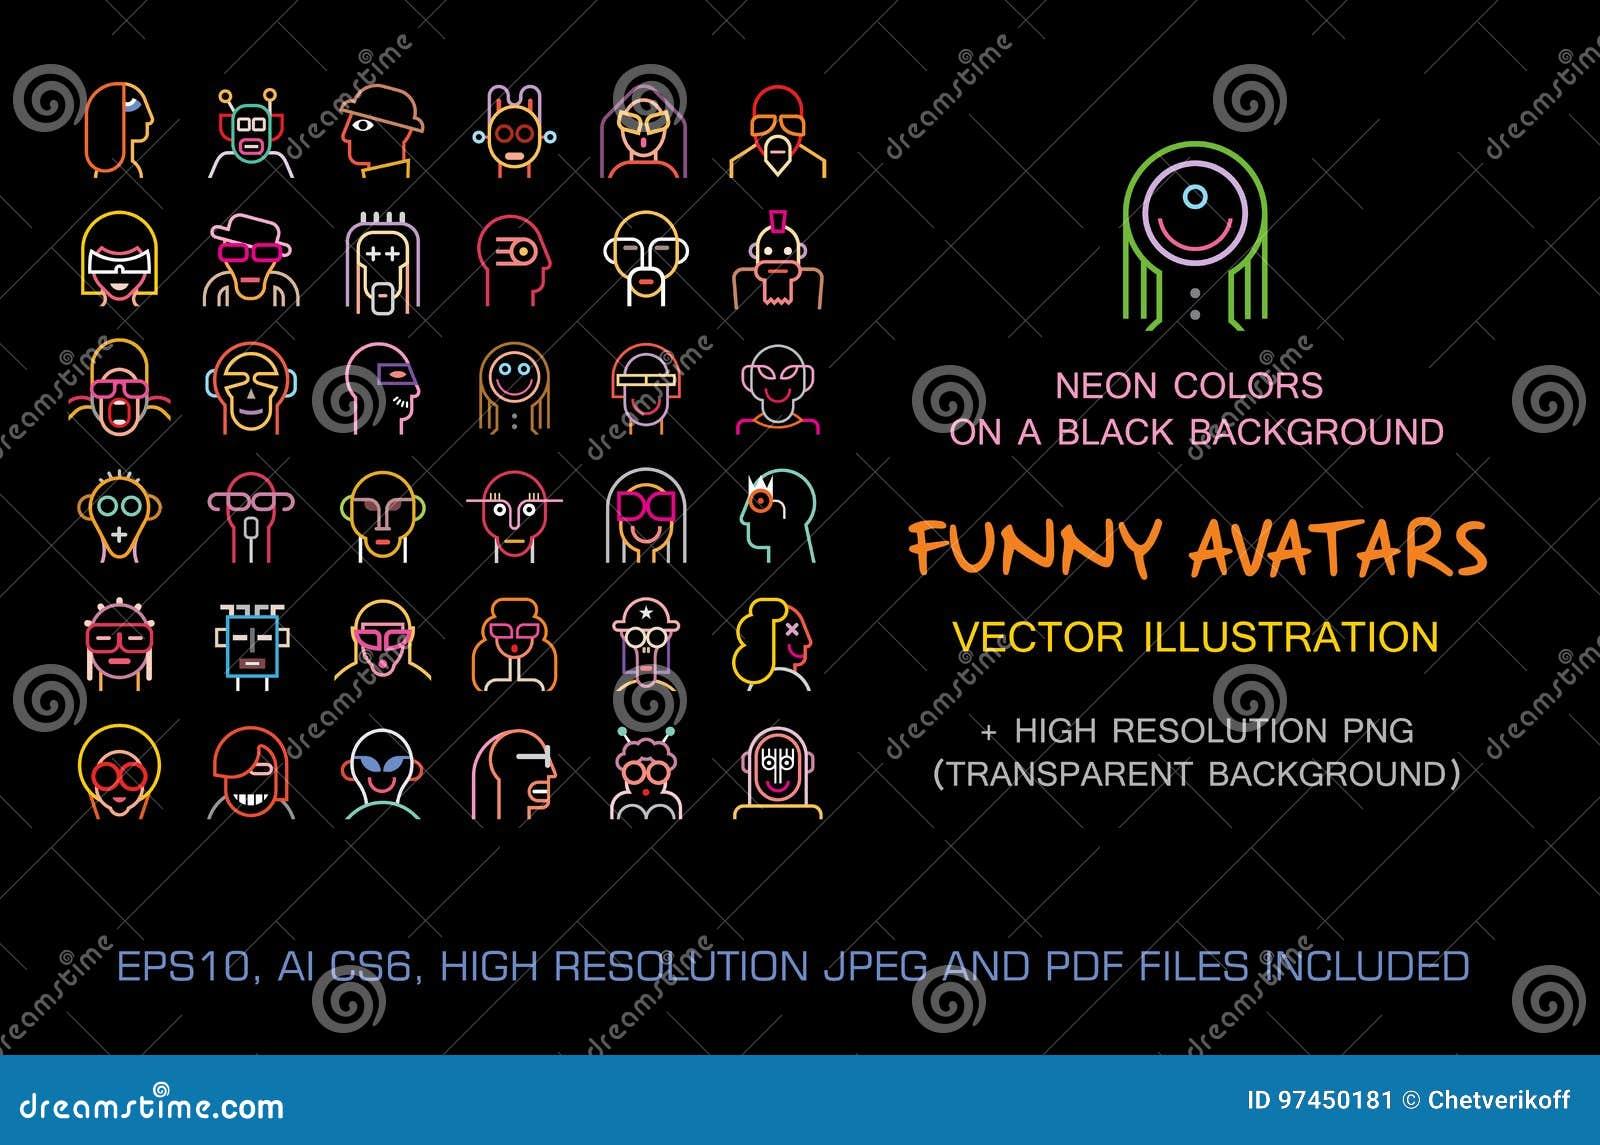 Funny avatars